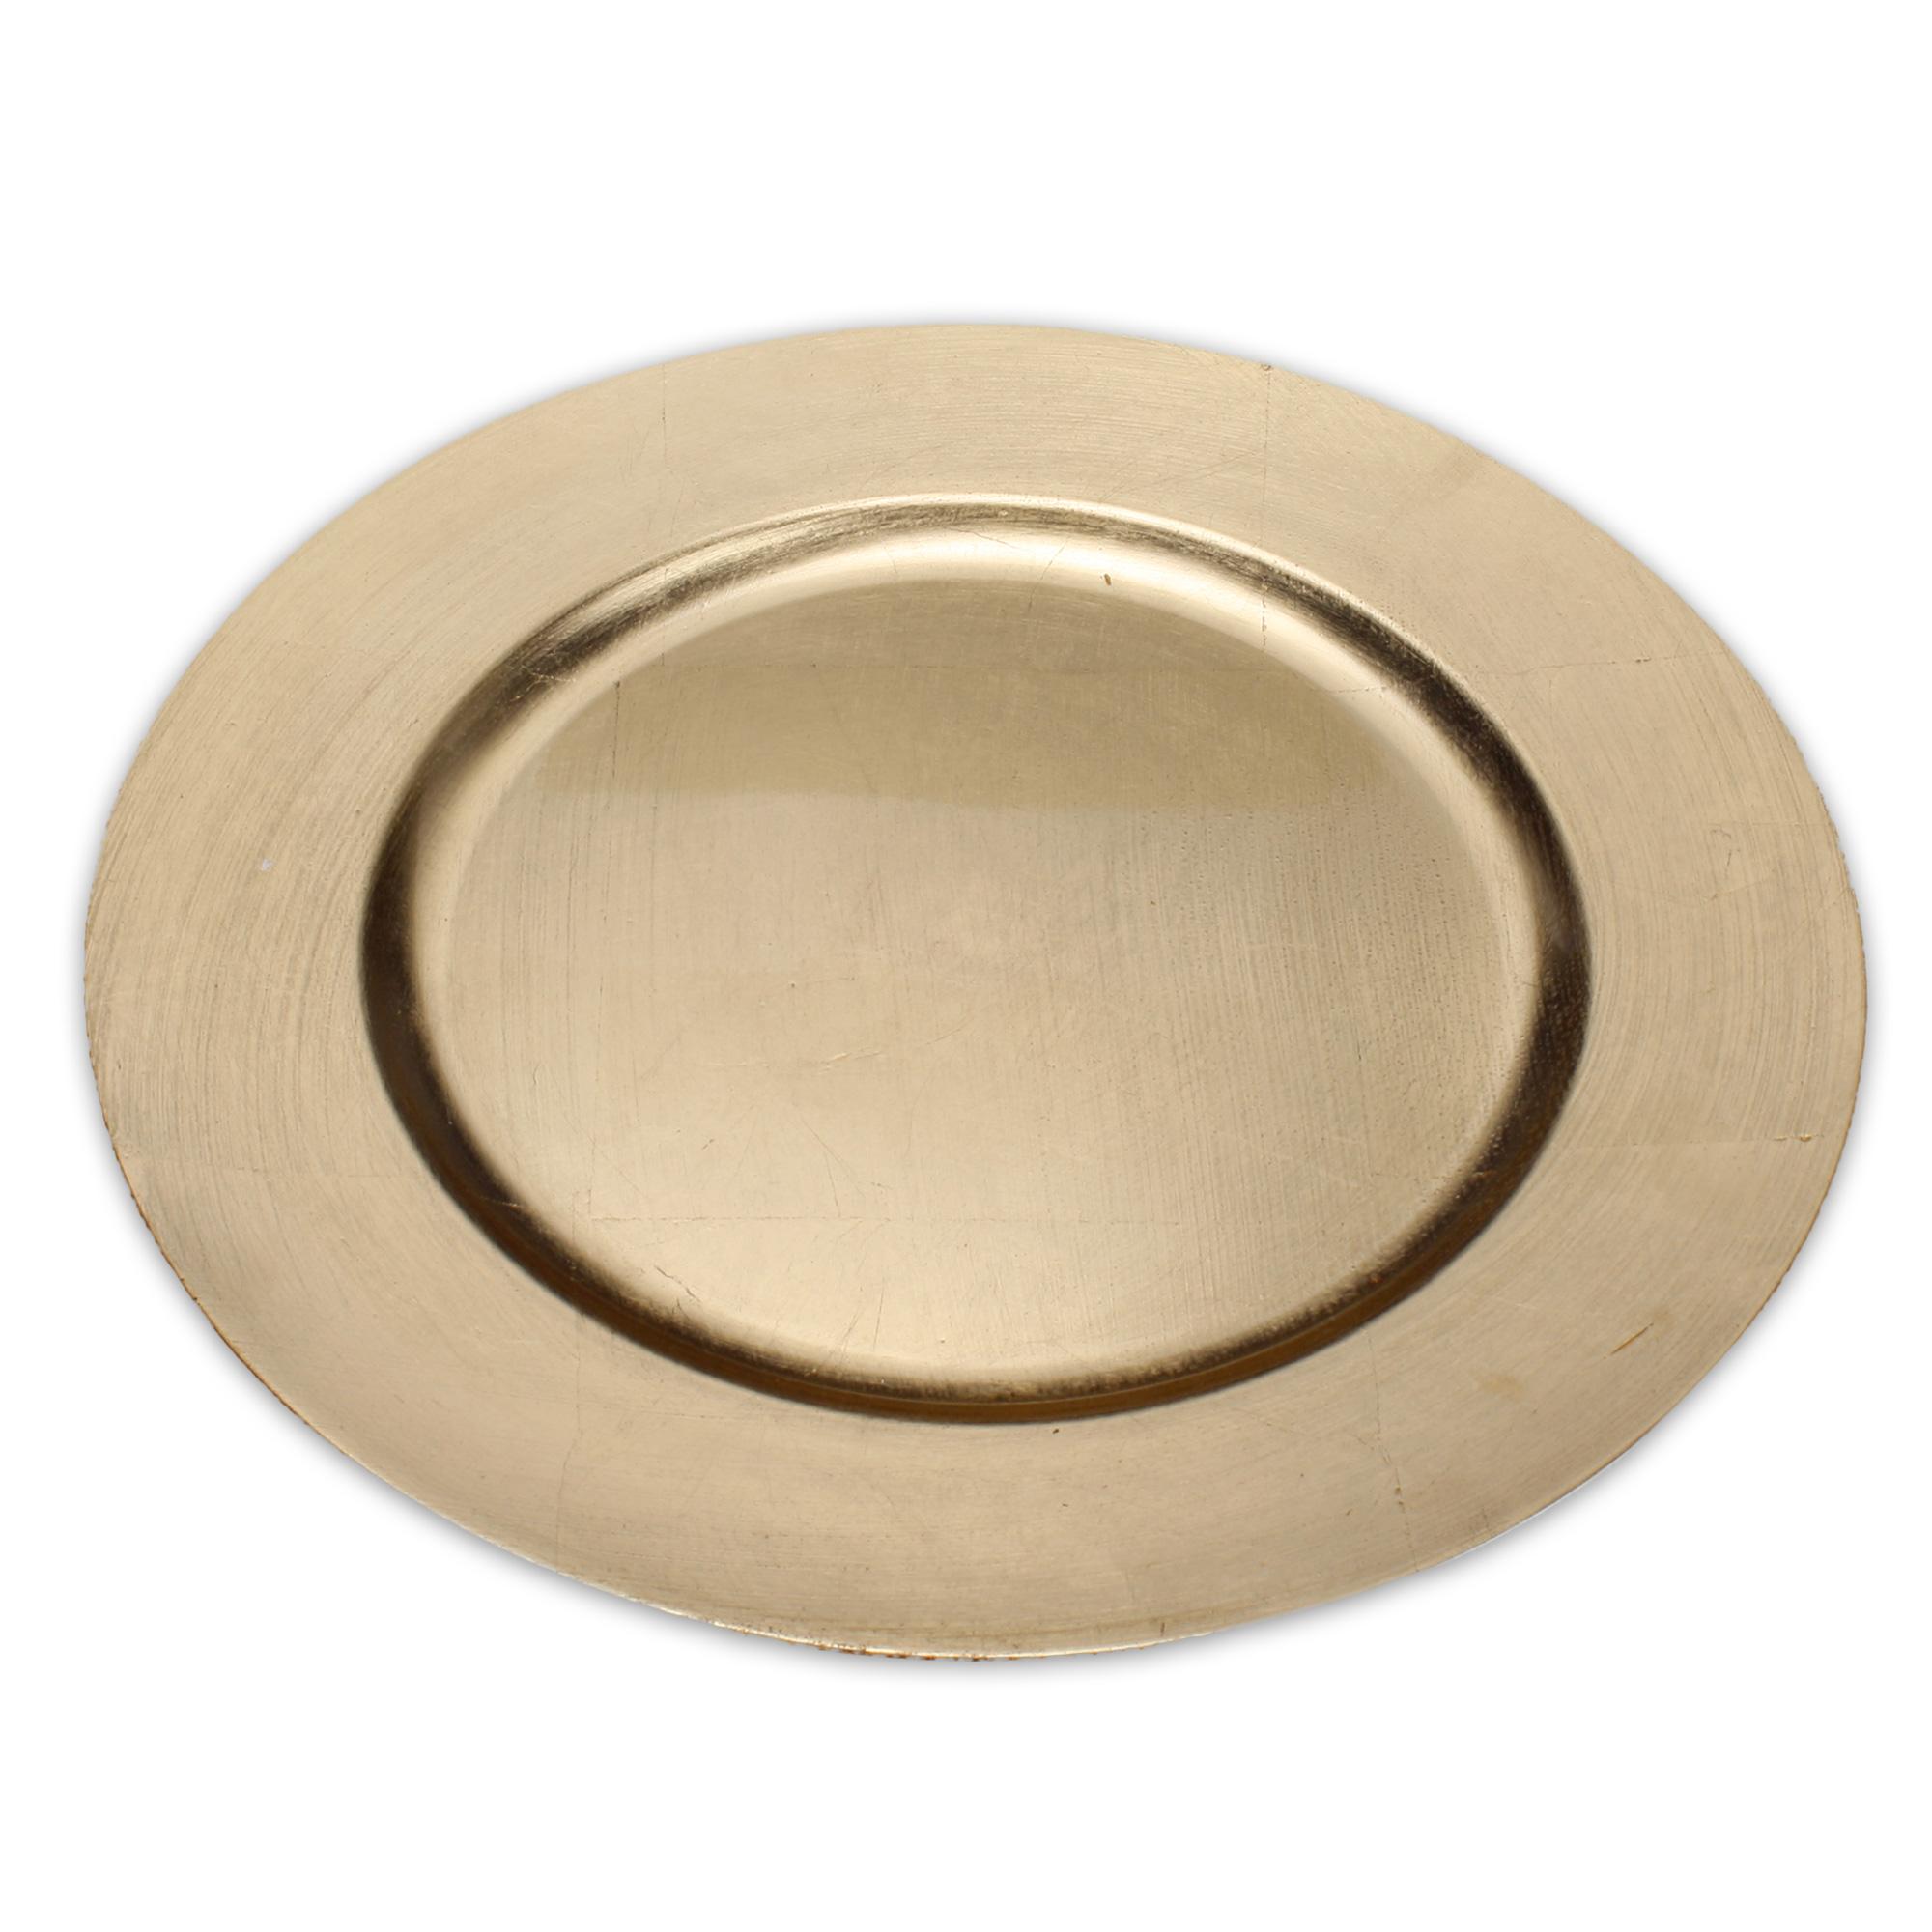 Sehr eleganter dekoteller 33 cm aus melamin in gold - Dekoteller gold ...